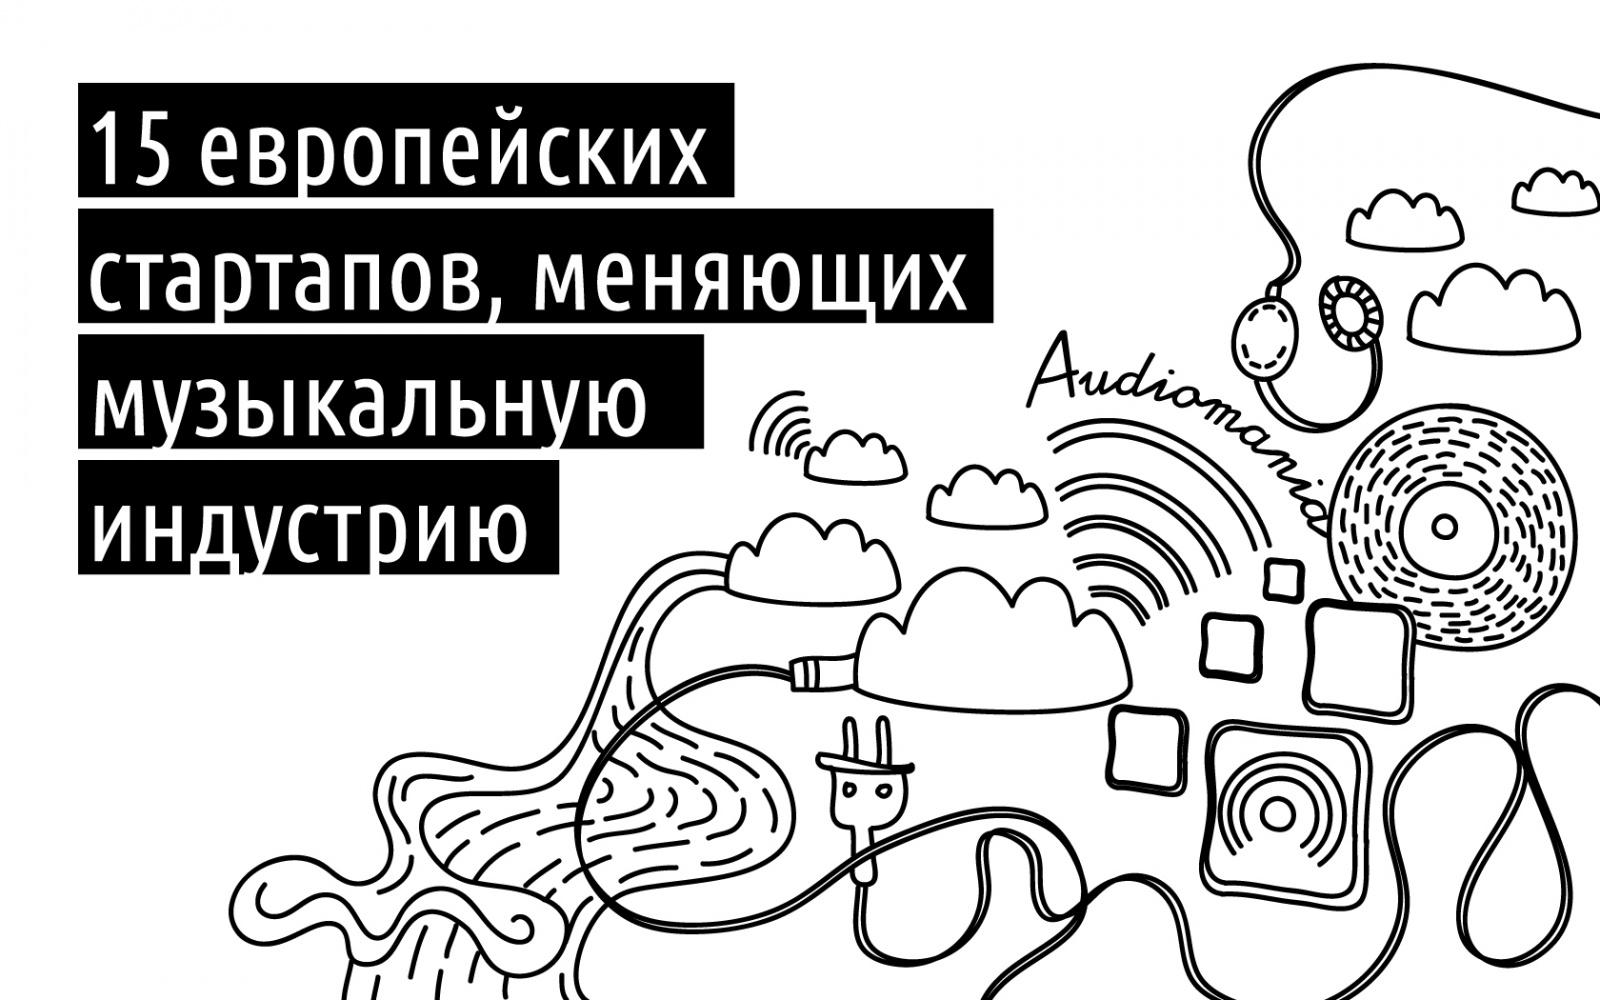 15 европейских стартапов, меняющих музыкальную индустрию - 1